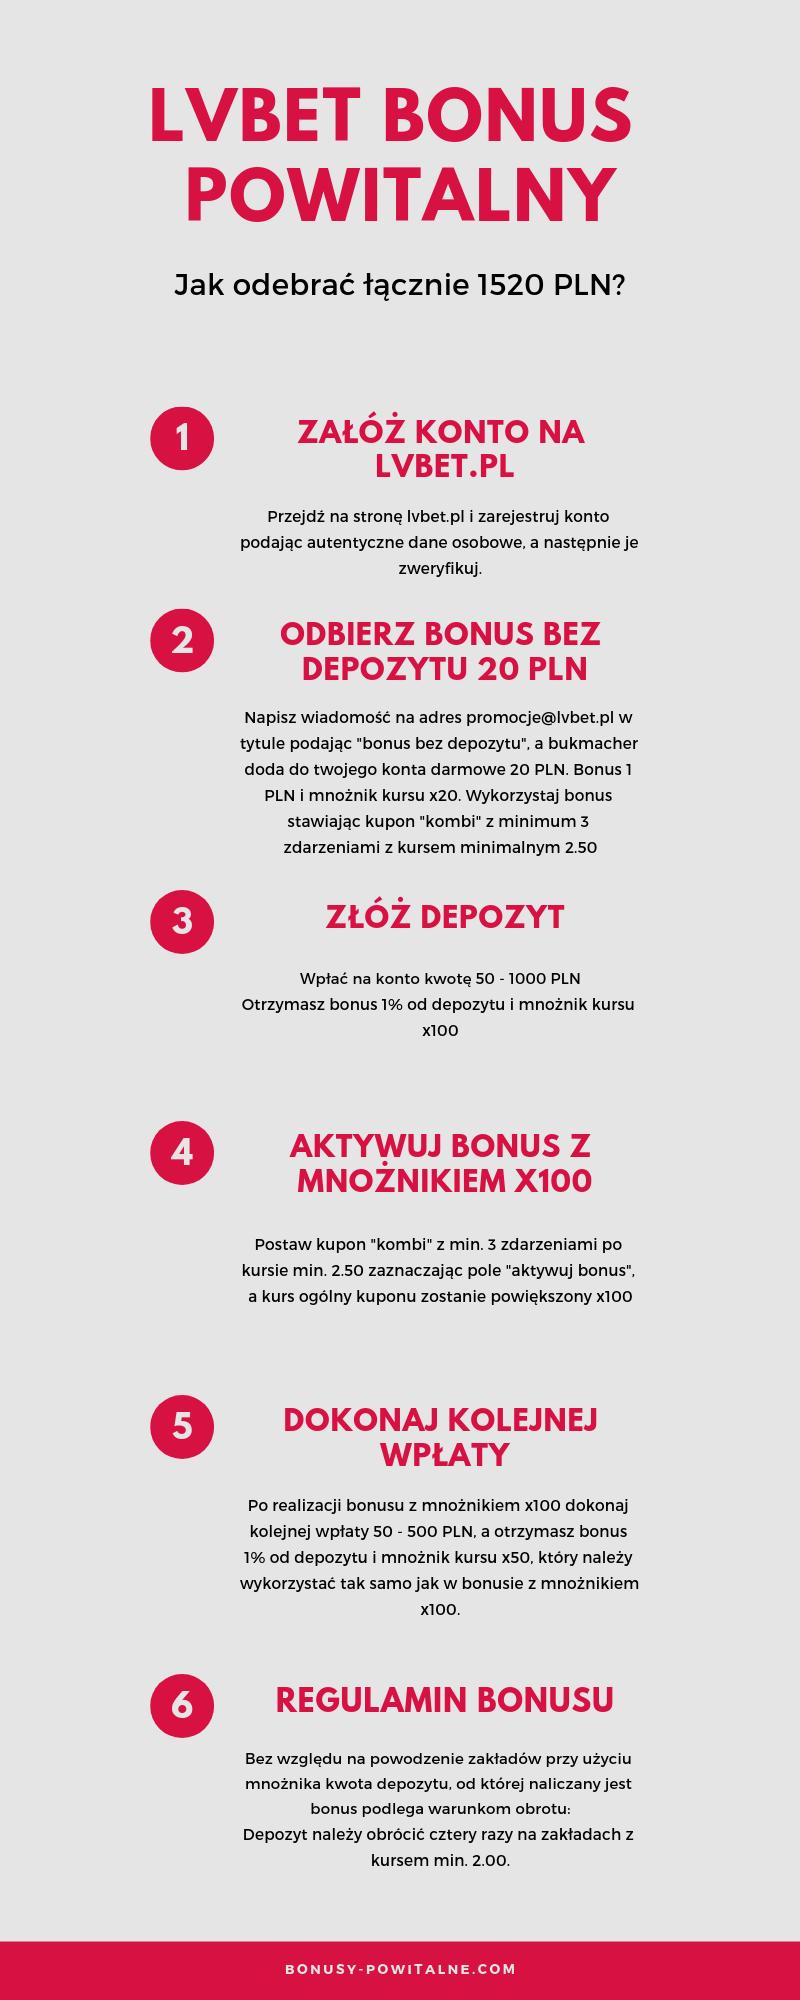 Infografika LVBET bonus